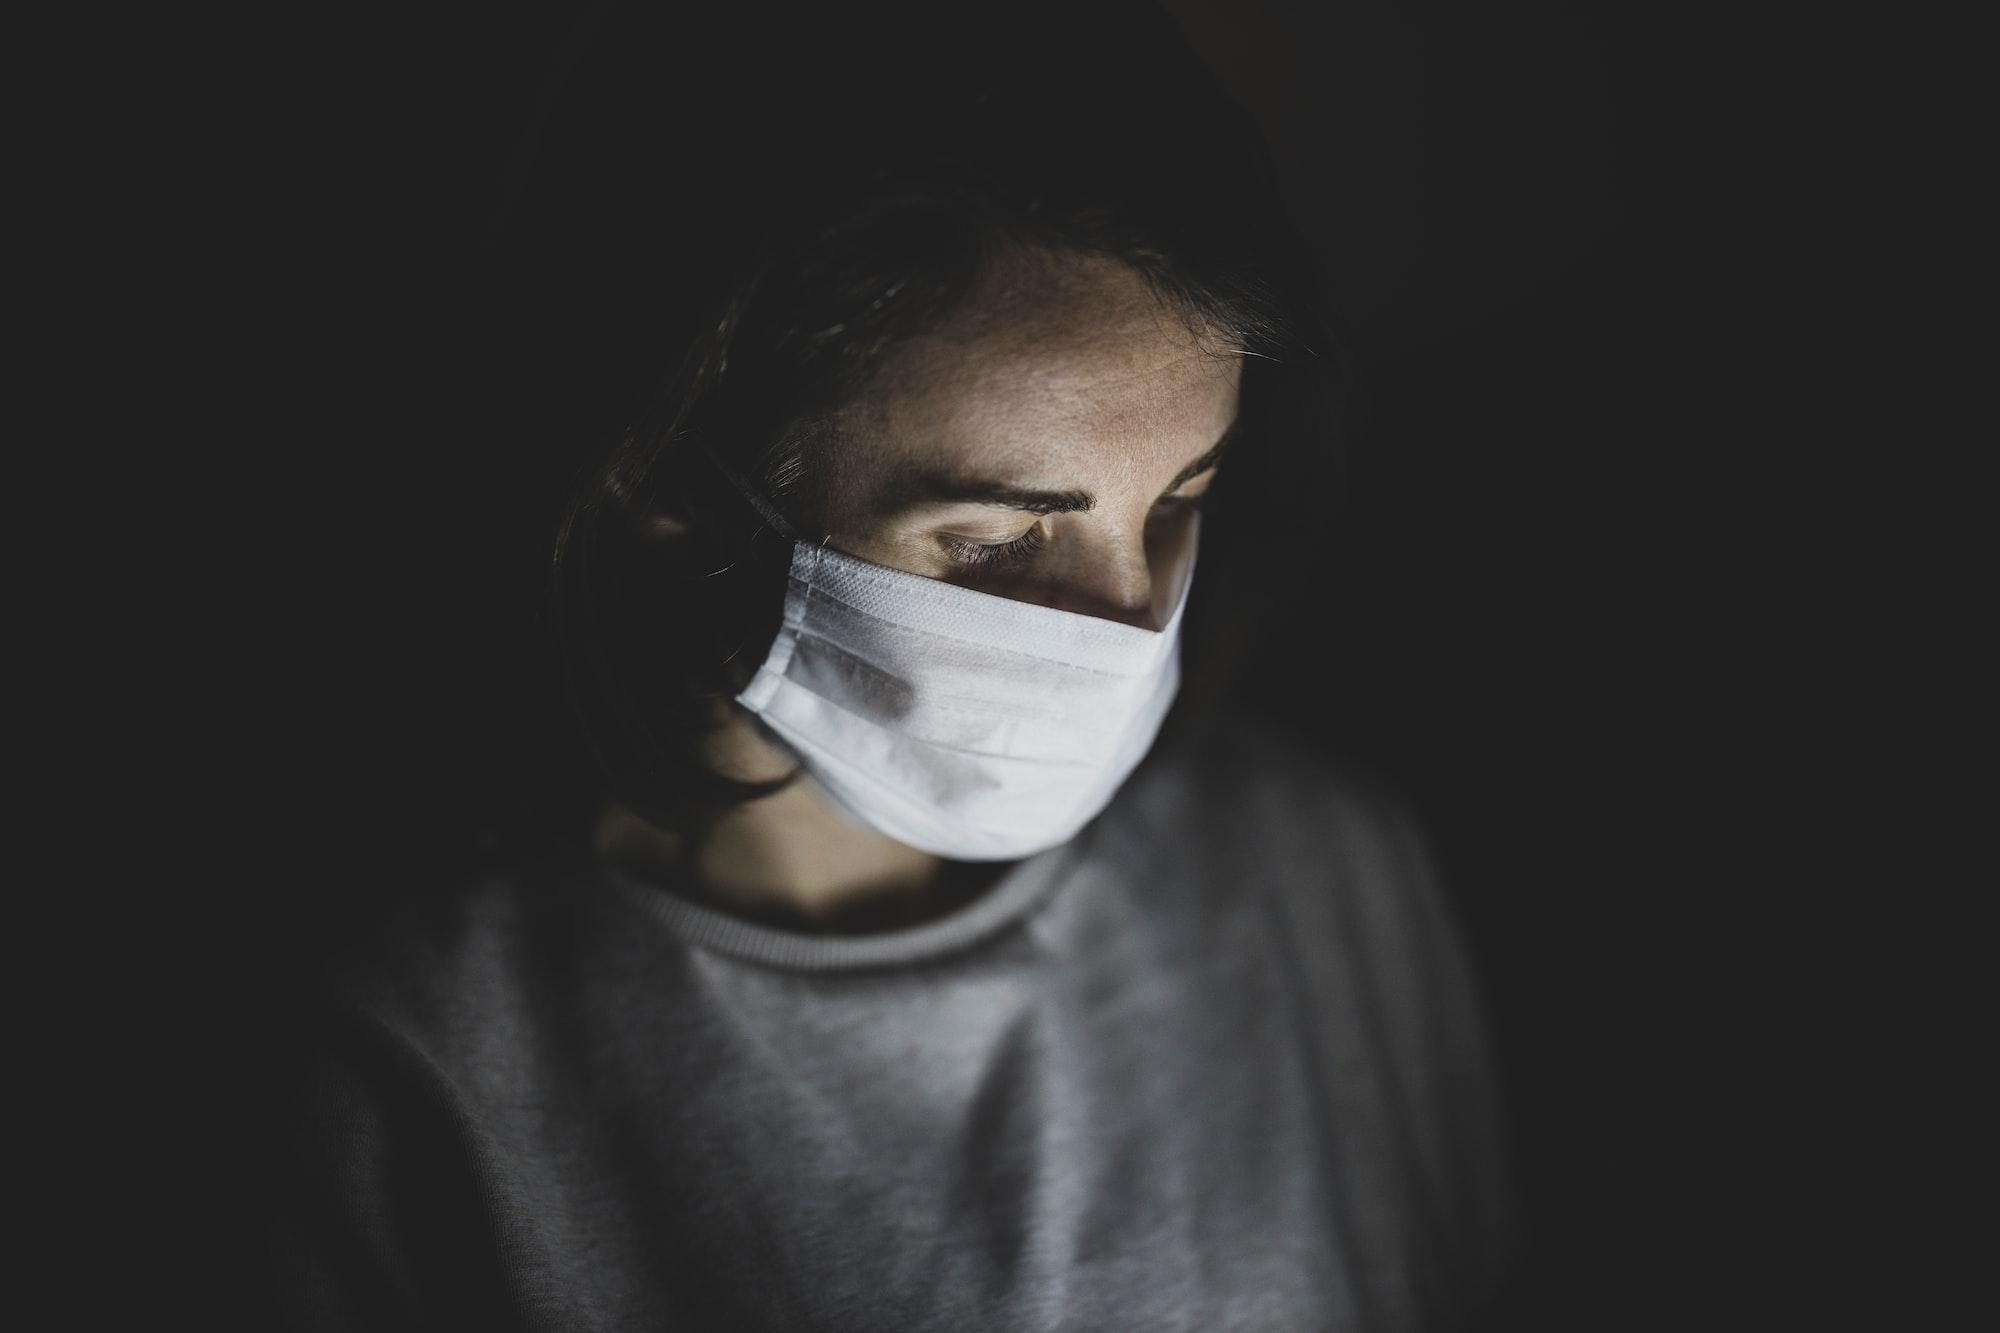 Koronawirus Małopolska [20 marca]: Szczegółowe dane - zakażenia, zgony